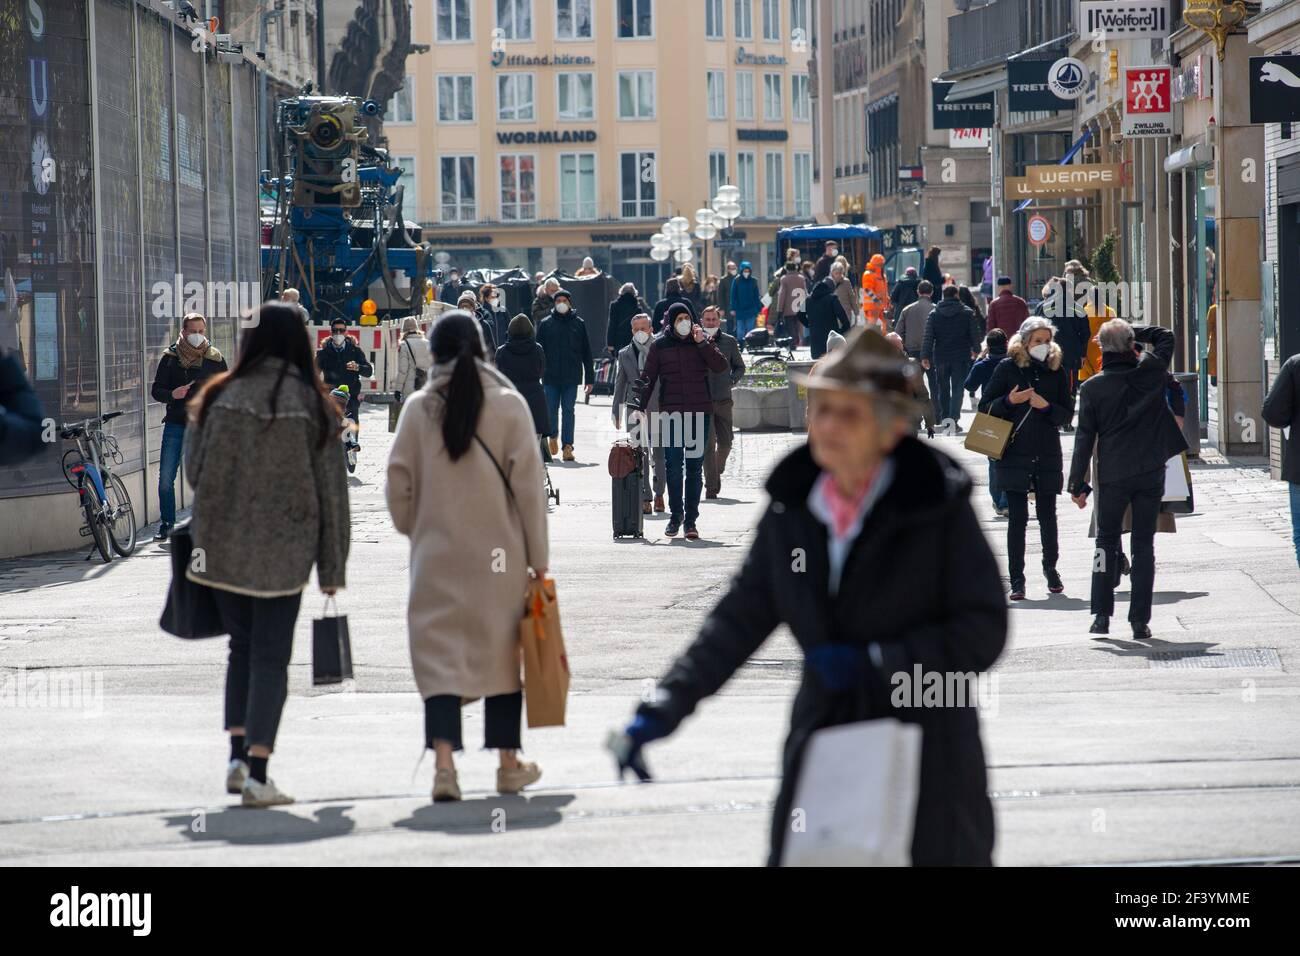 Während die Inzidenz in München weiter ansteigt und evtl. bald die Geschäfte wieder schließen müssen, sind viele Menschen am 18. März 2021 in der Münchner Innenstadt unterwegs und kaufen ein. Die neuen Varianten des Coronavirus betragen in der Landeshauptstadt aktuell fast 70%. * While the incidence is rising and the shops may have to close again, many people on March 18 2021 go to the pedestrian zone in Munich, Germany and buy stuff. The number of new variants in Munich is about 70%. (Photo by Alexander Pohl/Sipa USA) Credit: Sipa USA/Alamy Live News Stock Photo